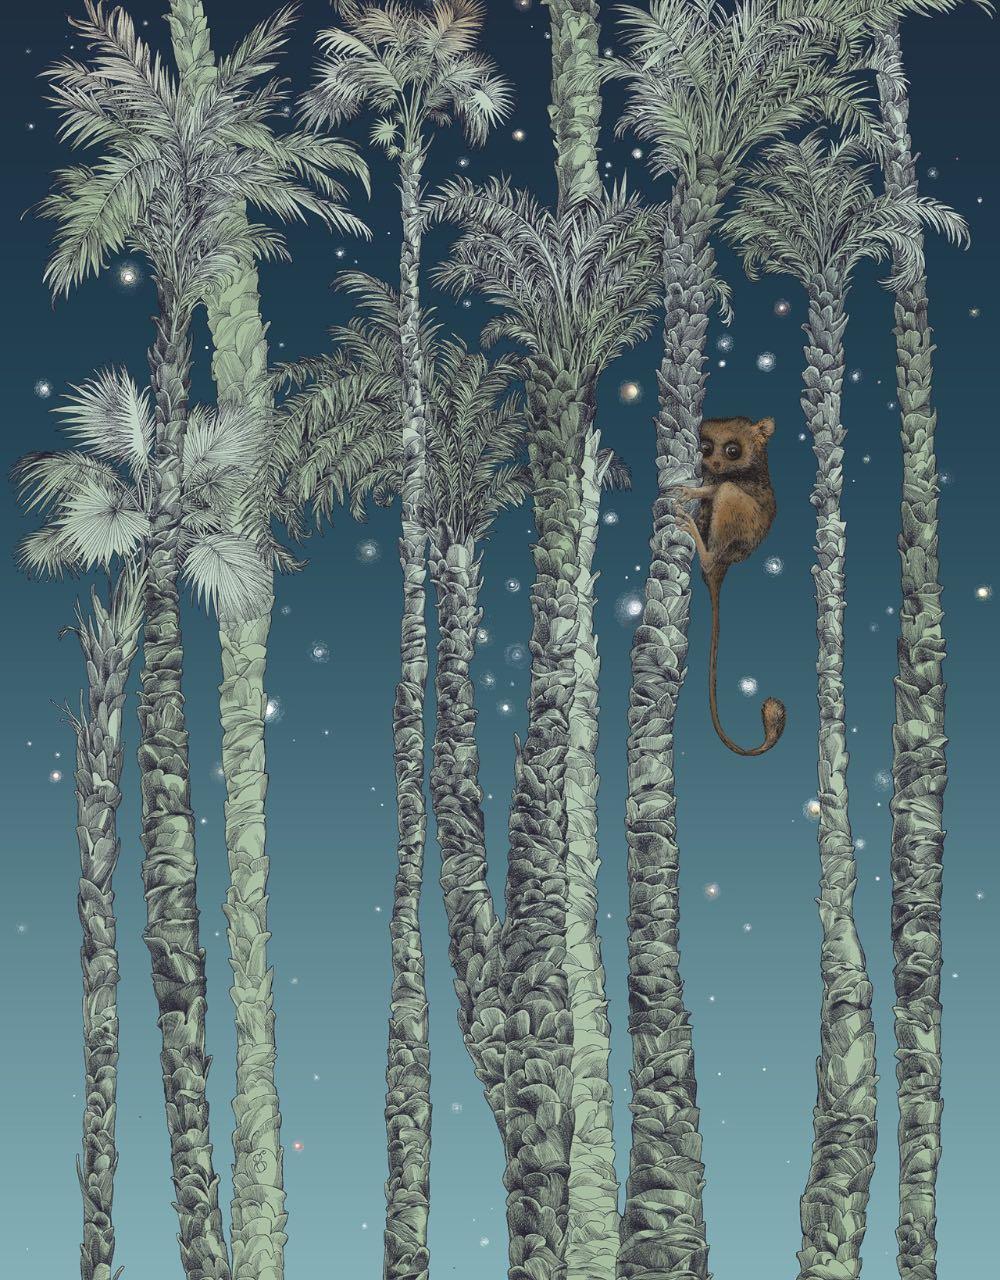 フランス壁紙 1ロール(3m) フリース(不織布) - 防炎加工 by キャサリン・グラン 《ヌイ・テリエン - 右》 ナチュラル by Edmond Petit (エドモンプティ)